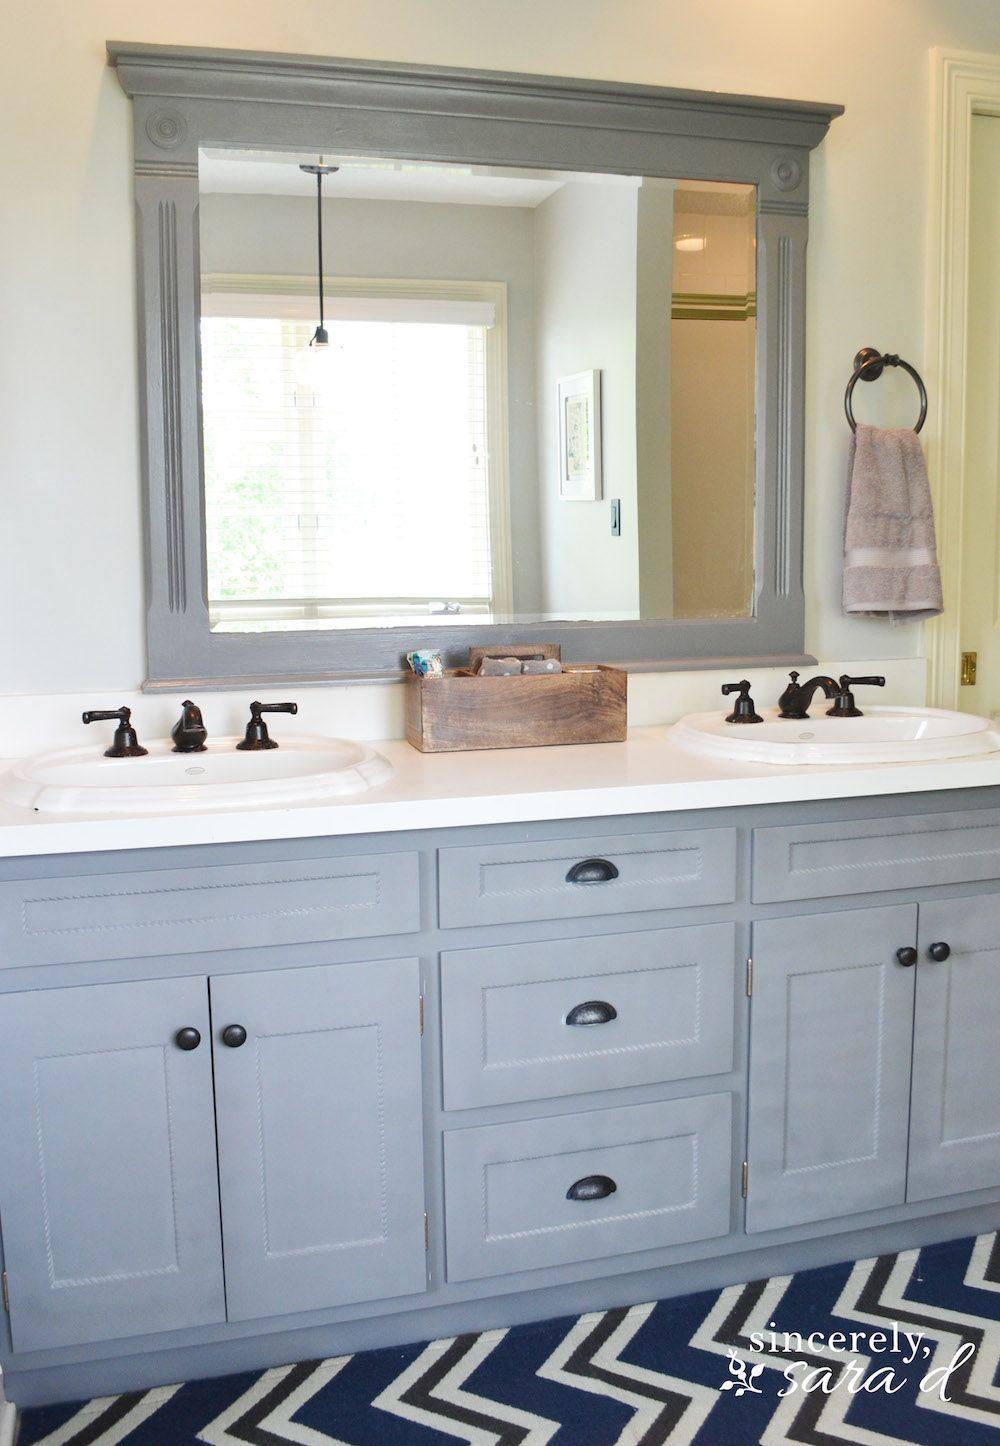 Badezimmer-eitelkeiten mit spiegeln malerei badezimmerschränke weiß badezimmer  badezimmer  pinterest